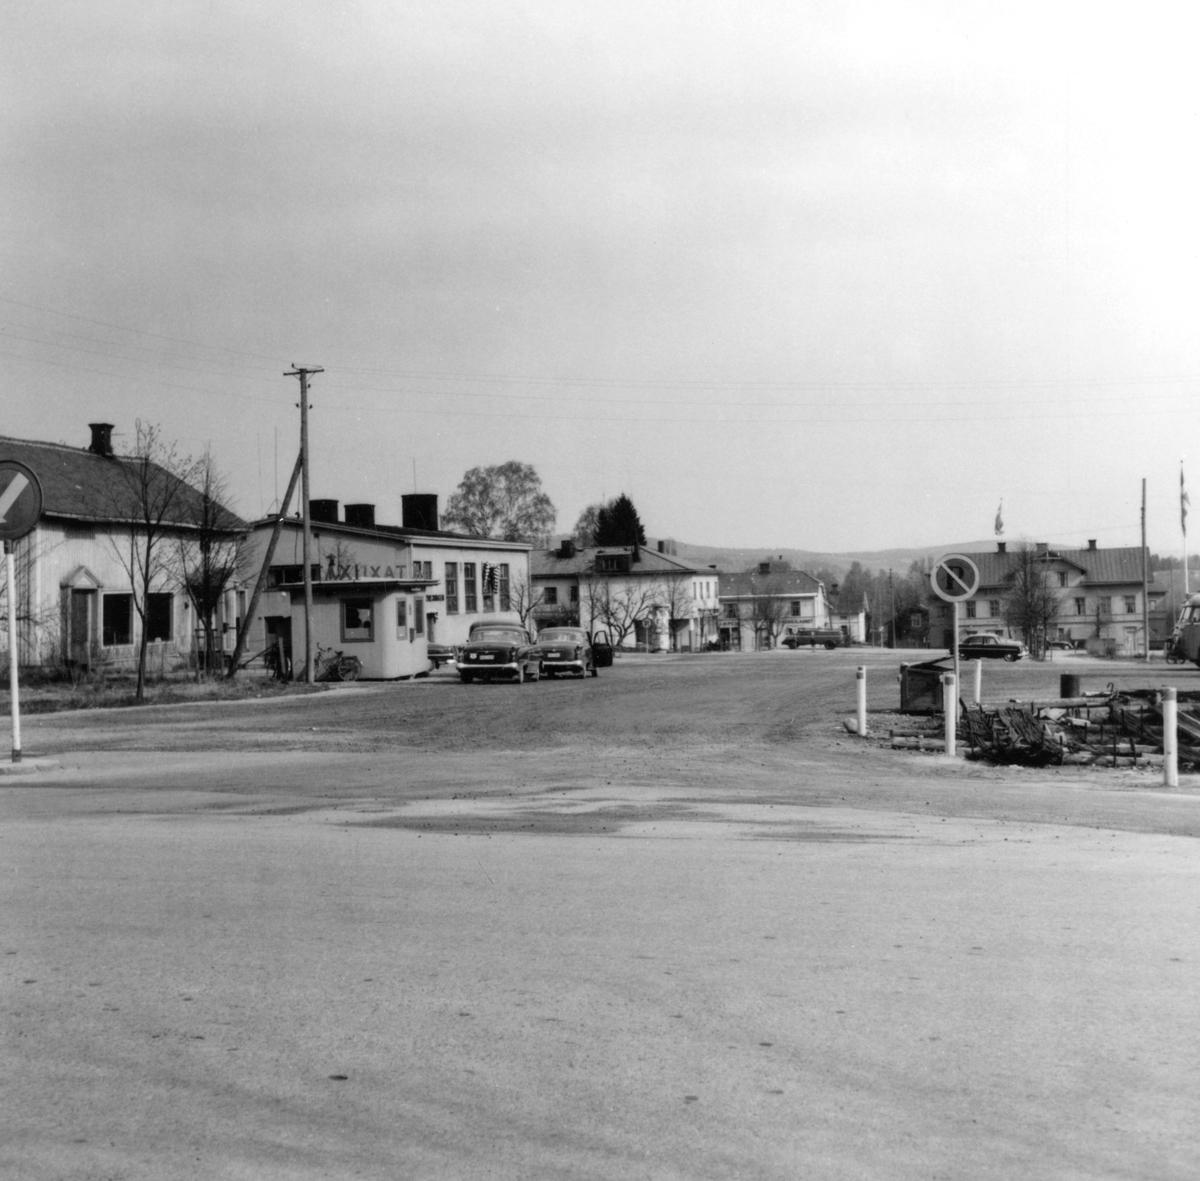 Någonstans i Värmland - från slutet av 1950-talet: Torsby. Lämna gärna en kommentar om du vet något om bilden.